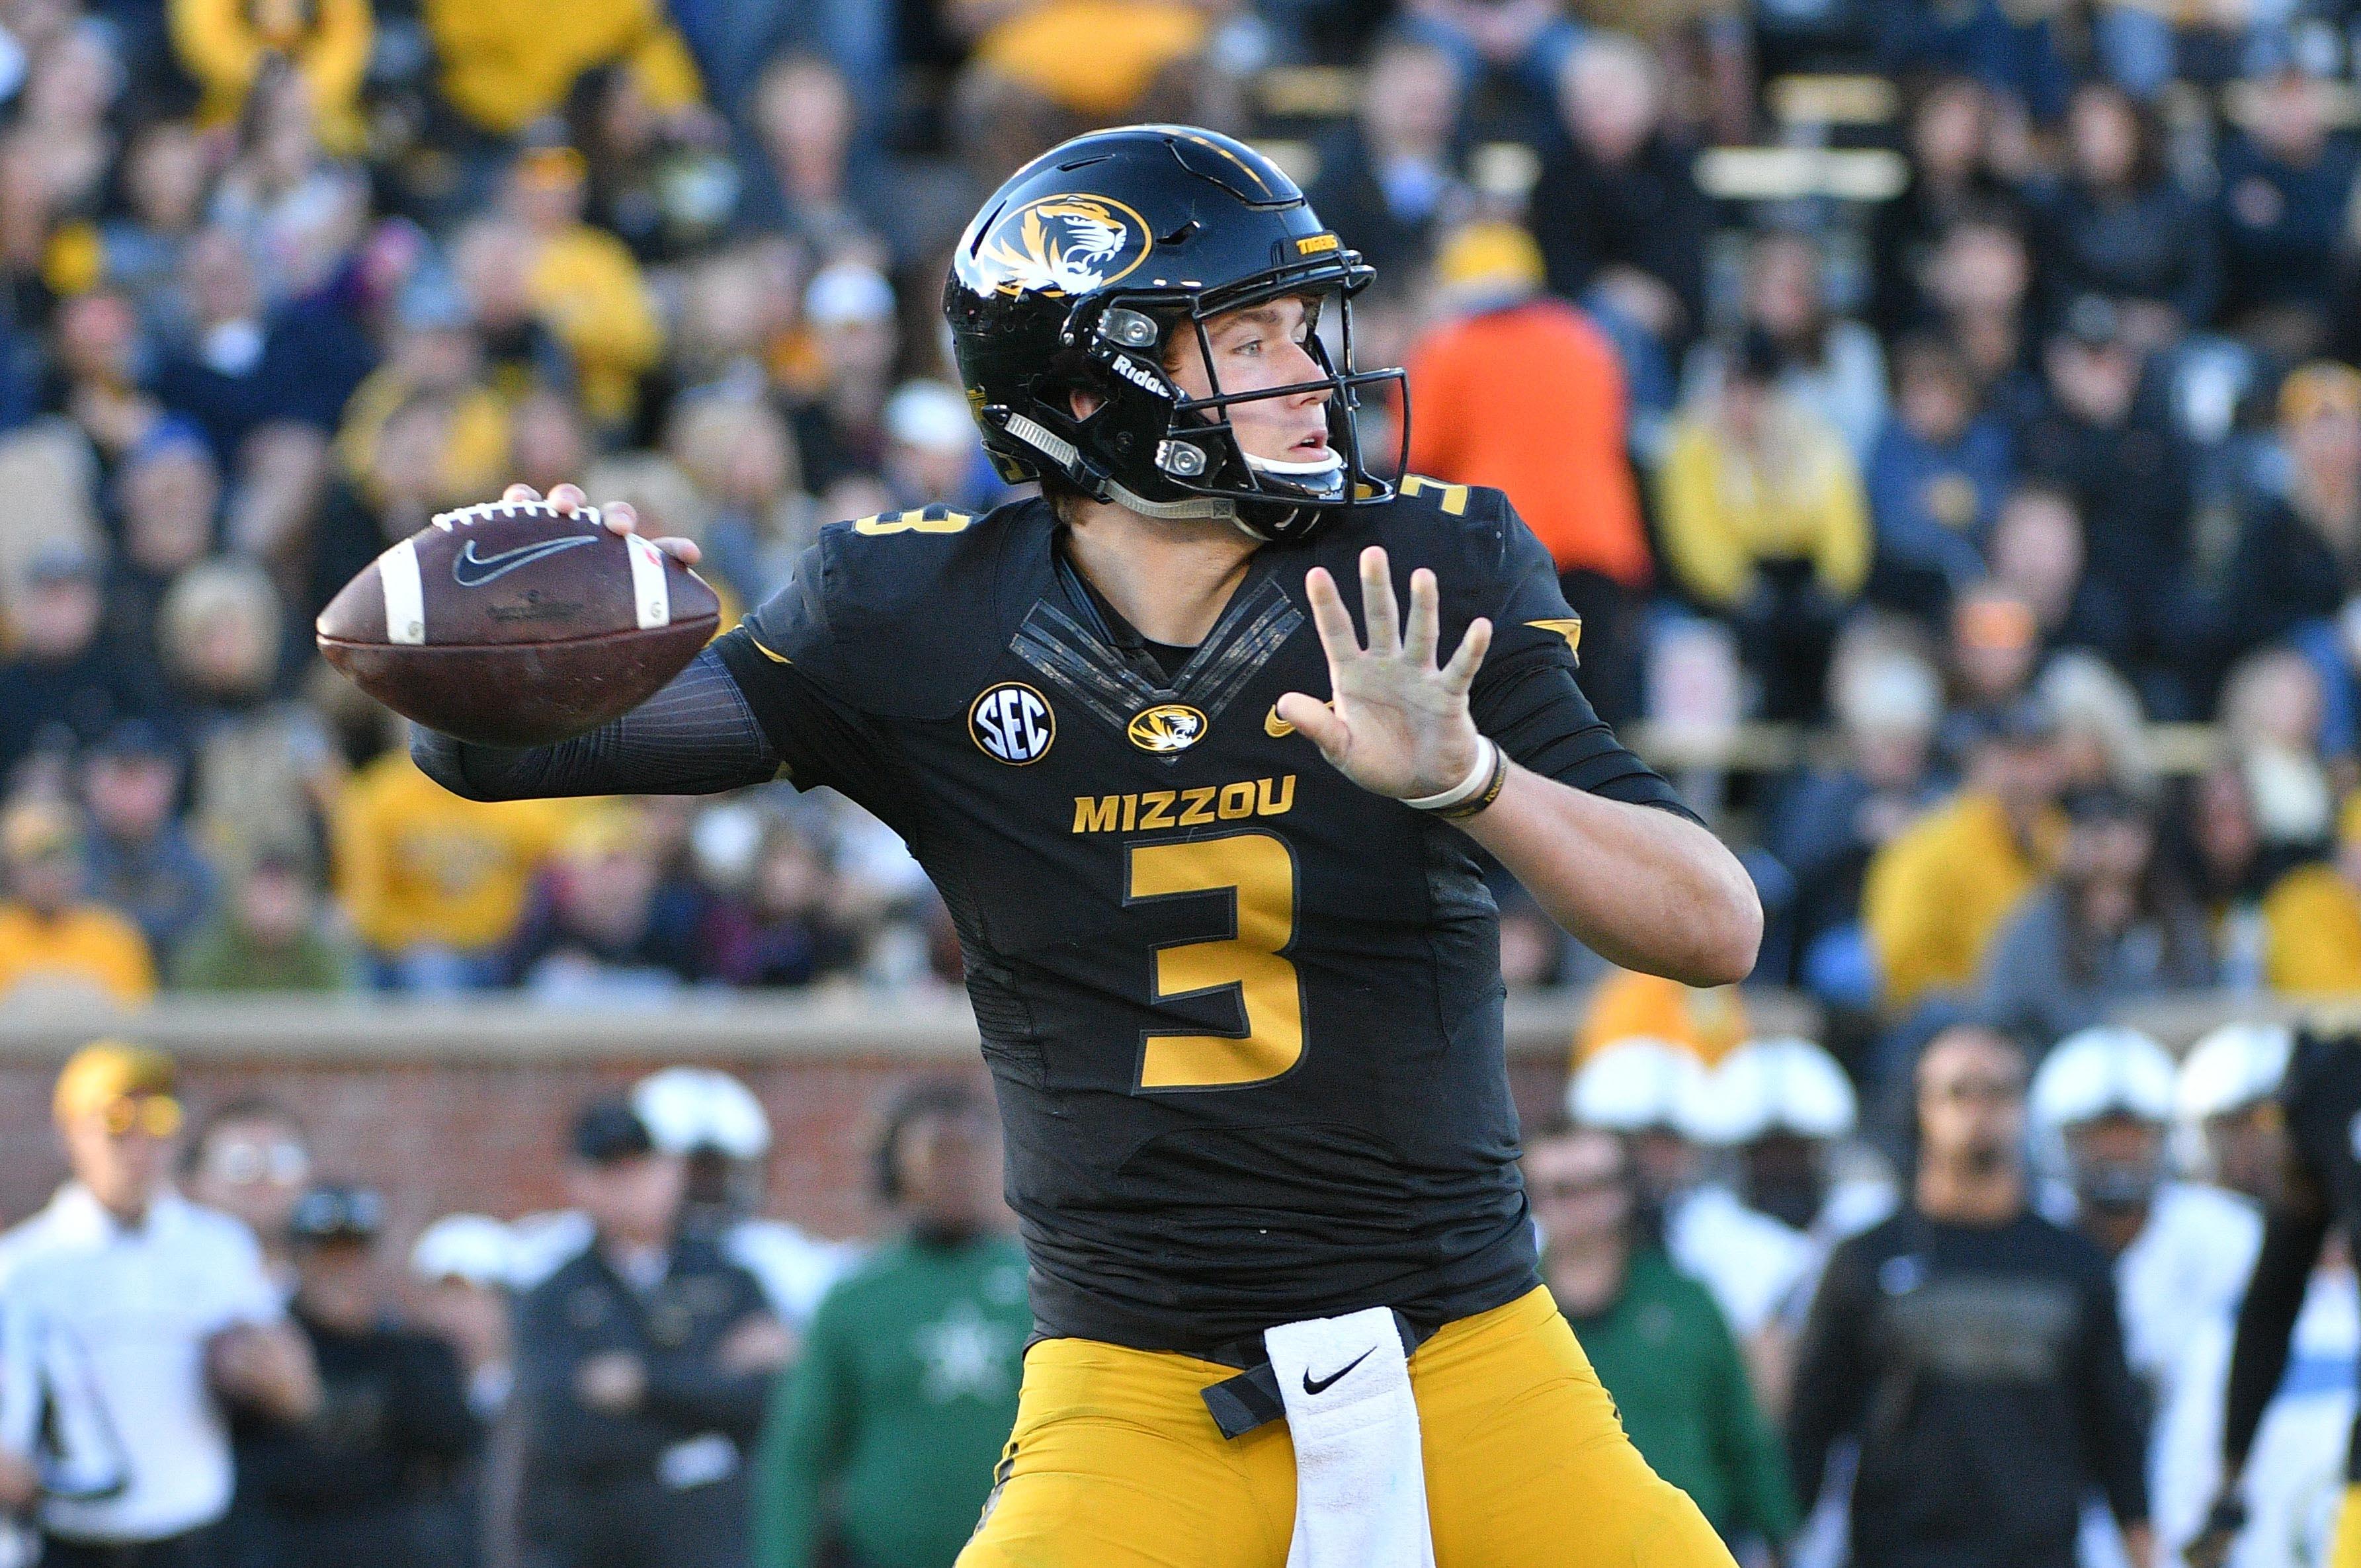 Missouri Football: Ranking Missouri's best quarterbacks ...